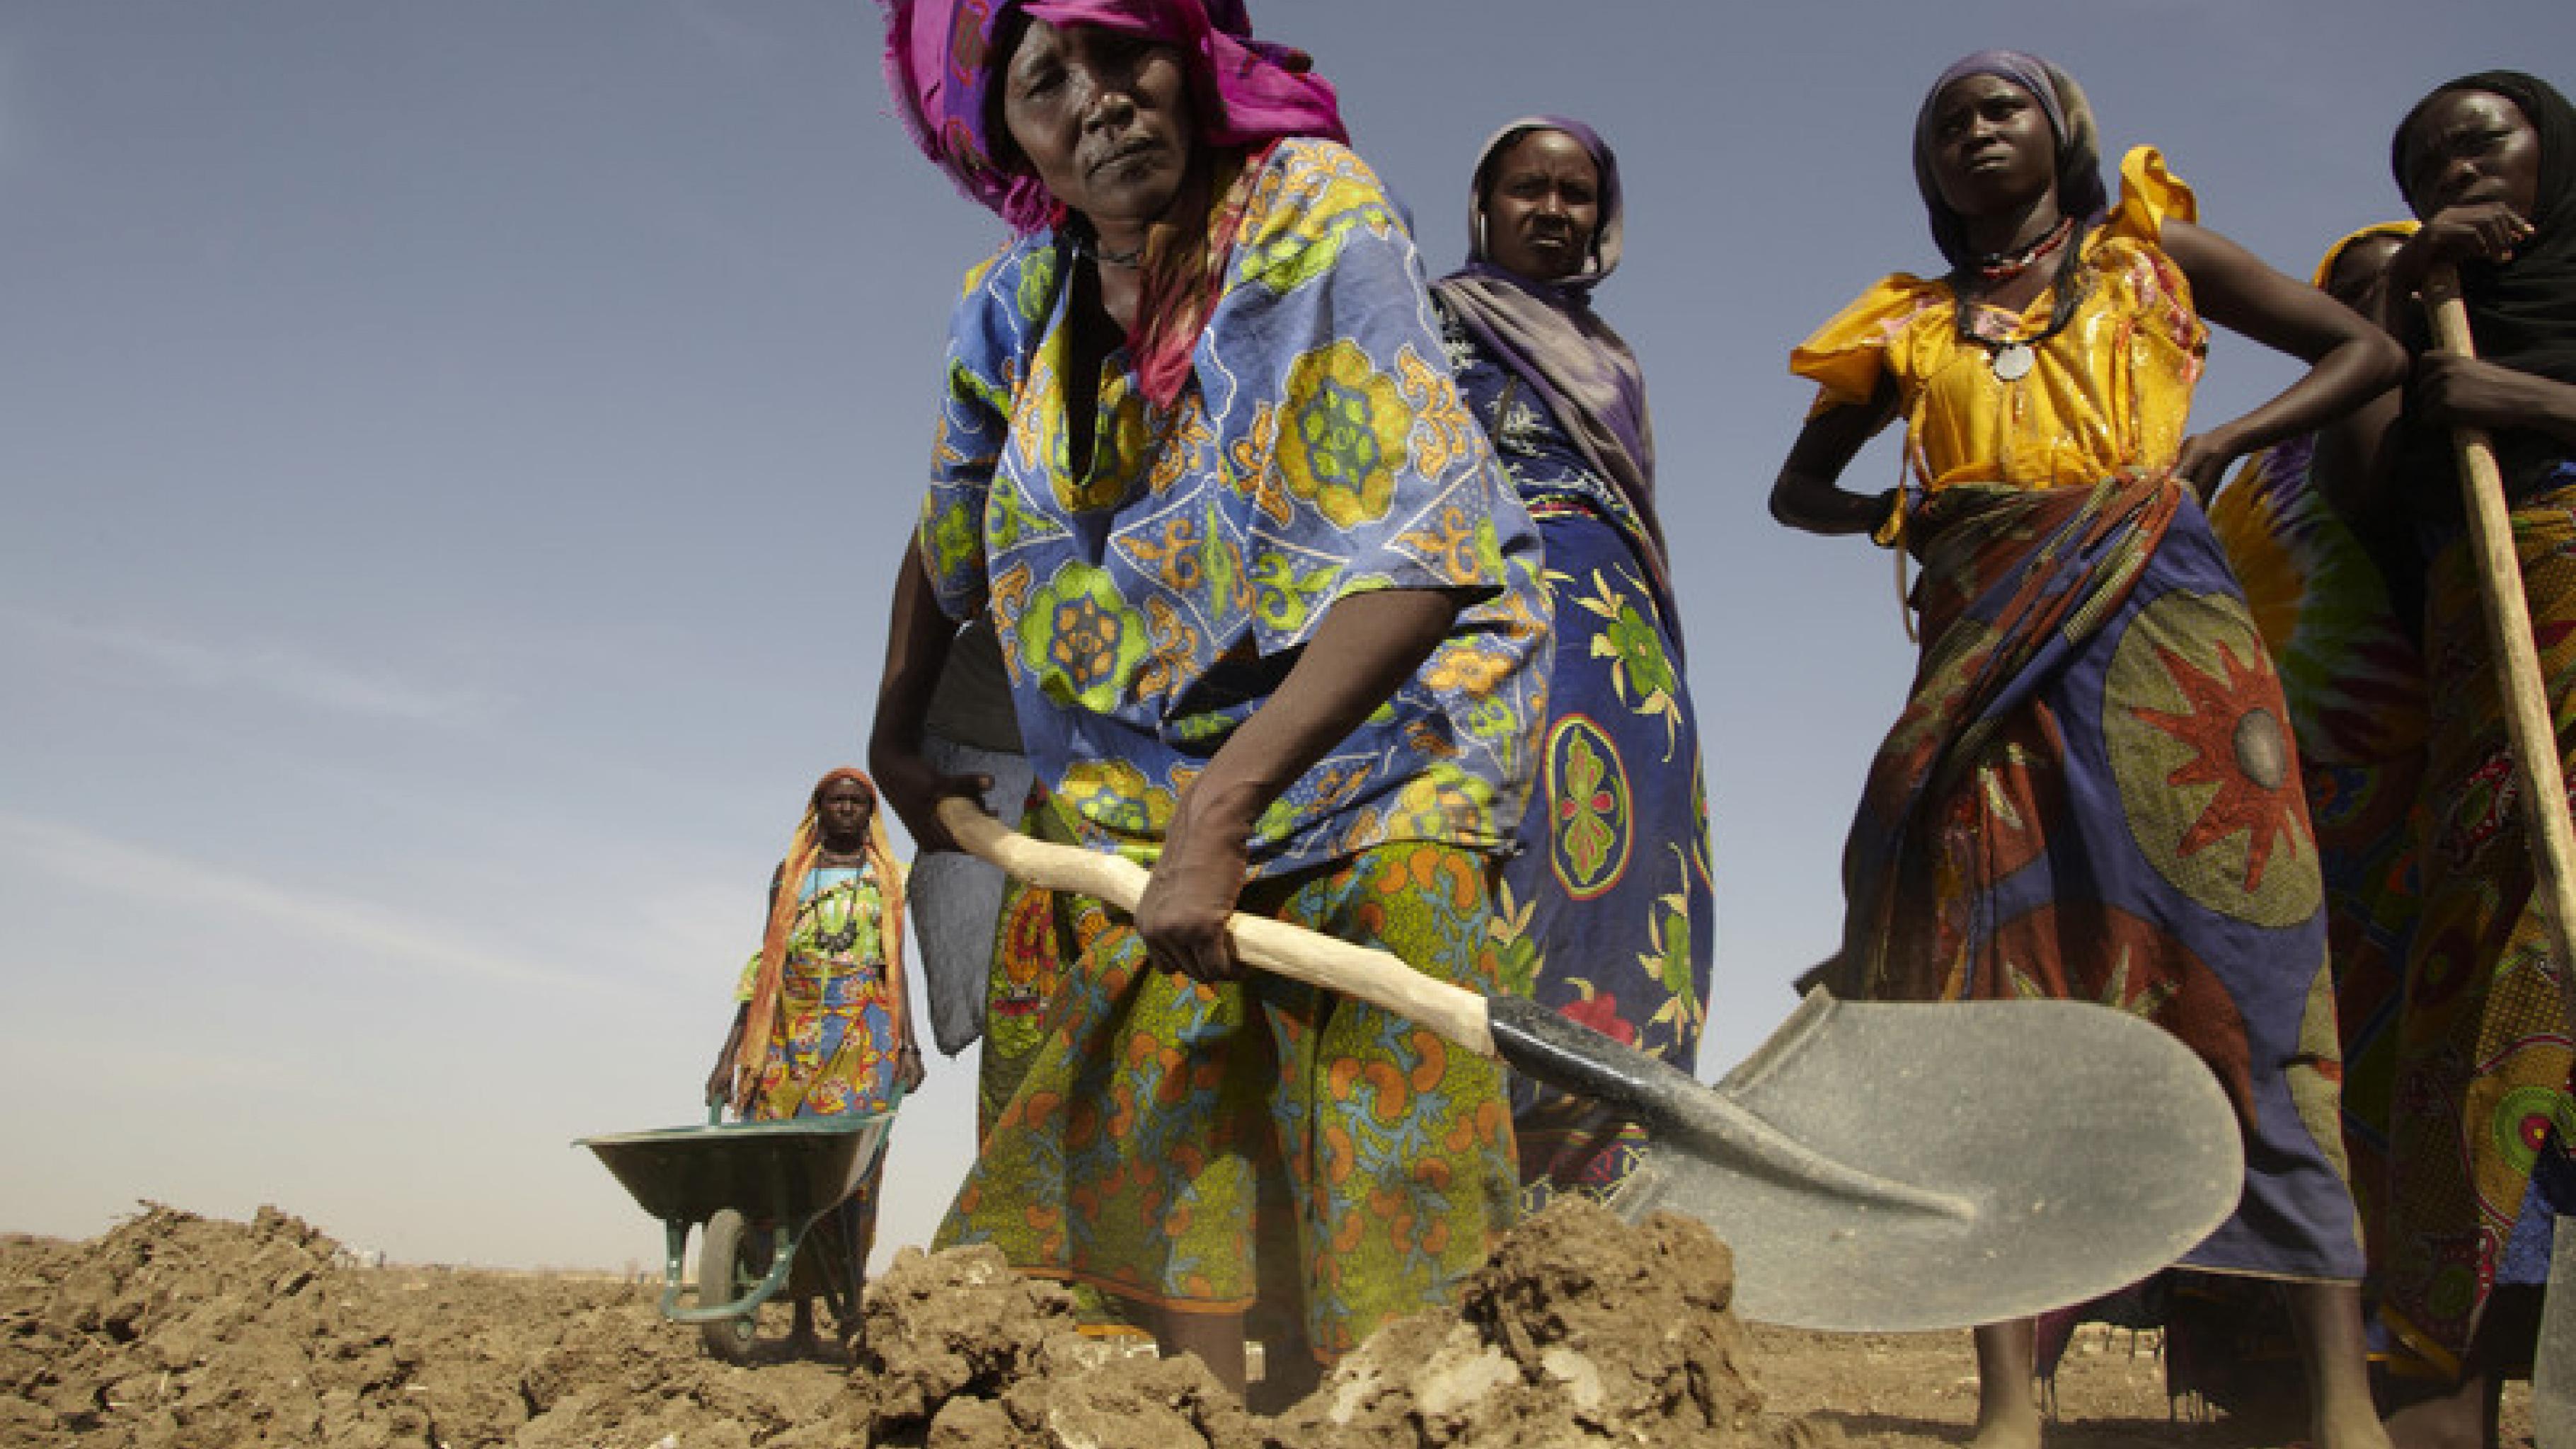 """Frauen aus dem Dorf Labado im Tschad graben innerhalb eines Oxfam-""""Cash-for-Work""""-Programms Bewässerungskanäle für ihre Felder. Von dem Geld, das sie damit verdienen, kaufen sie dringend benötigte Nahrungsmittel."""